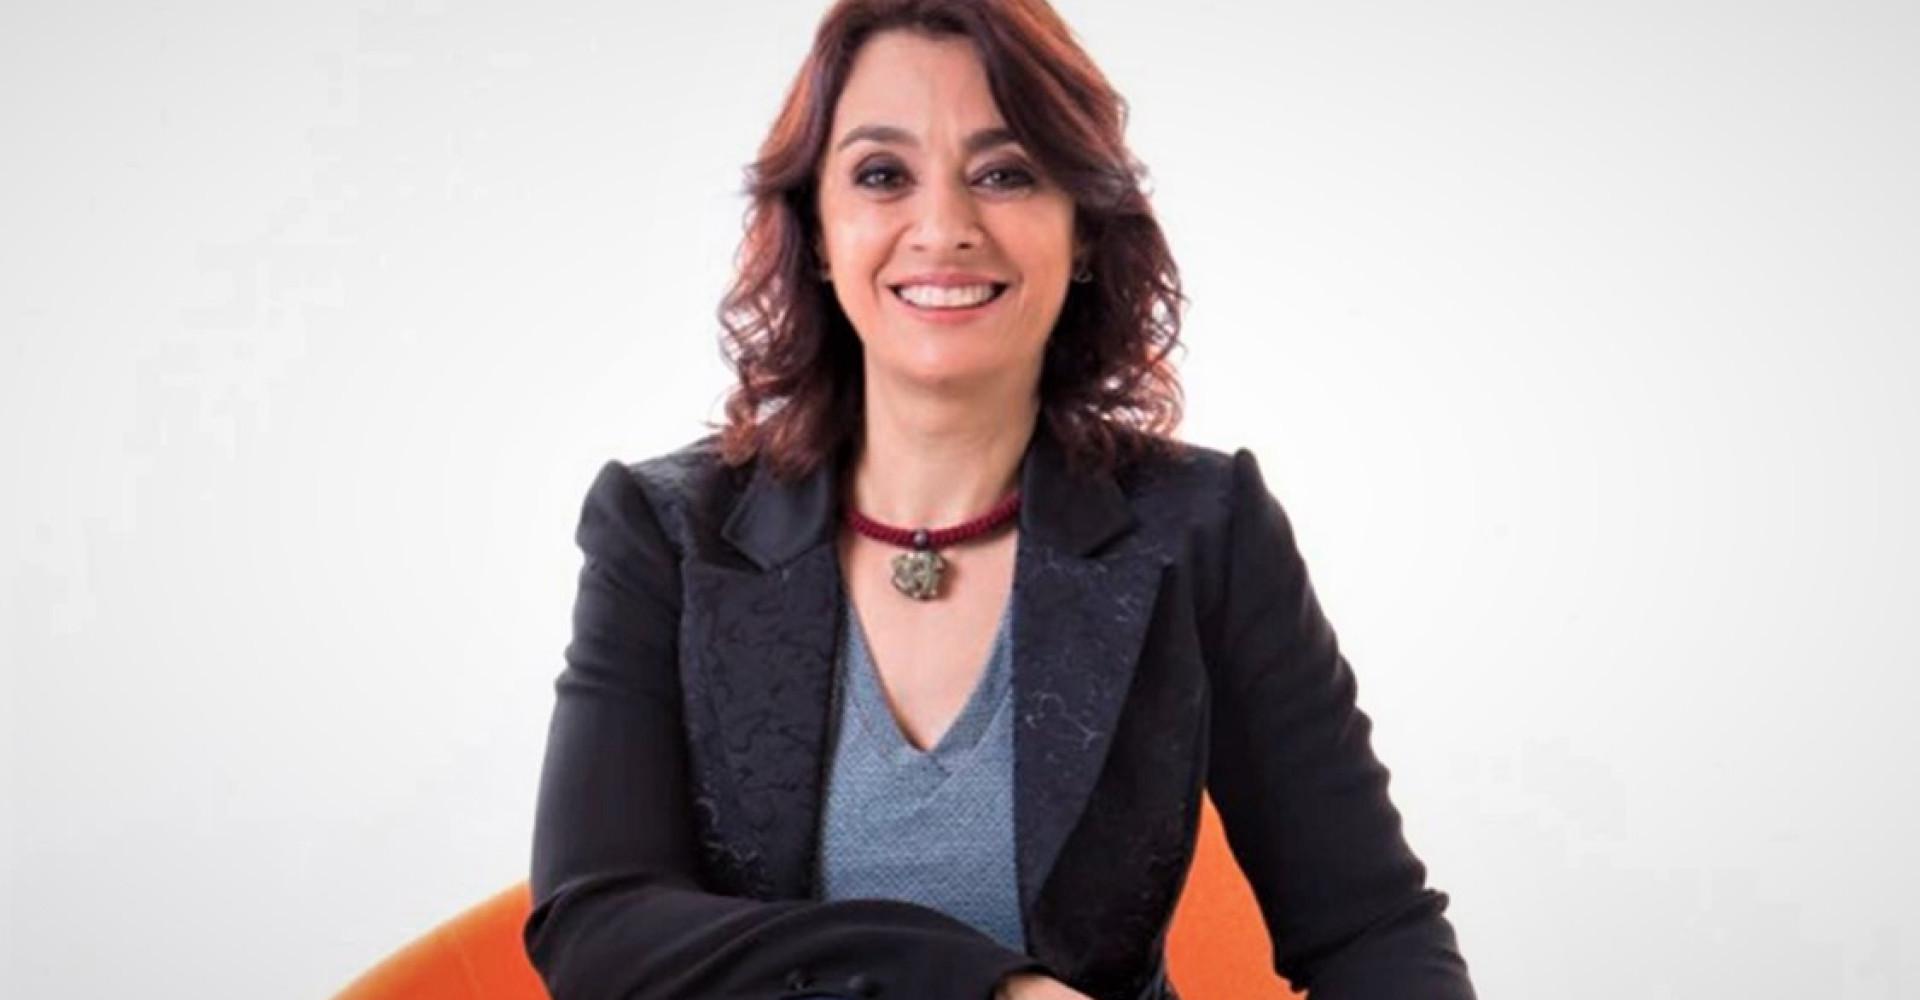 Cátia Fonseca poderá comandar novo talk show na Band